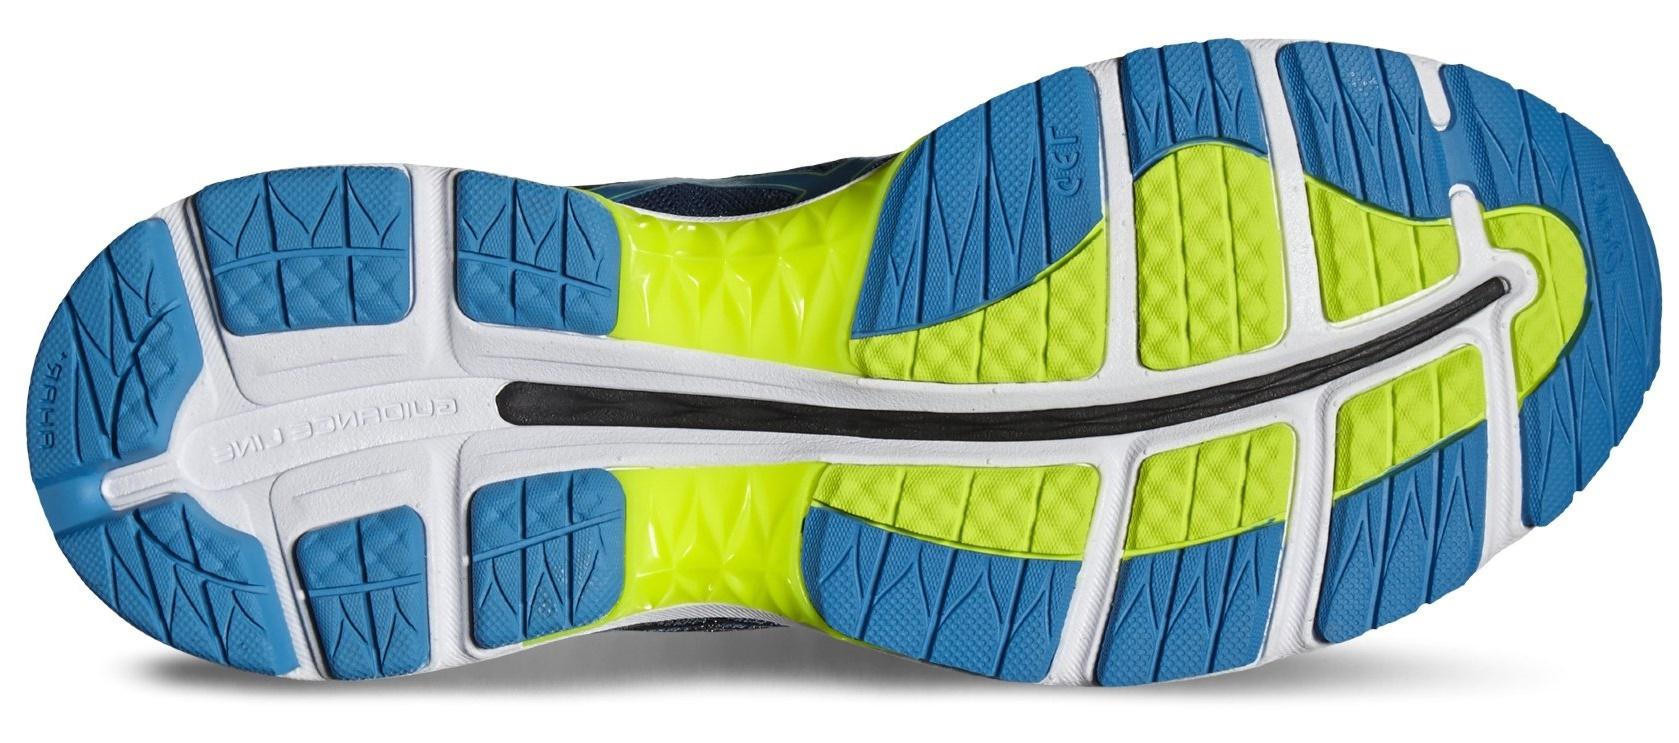 Мужские кроссовки для бега Asics Gel-Nimbus 18 T600N 5843 синие интернет-магазин